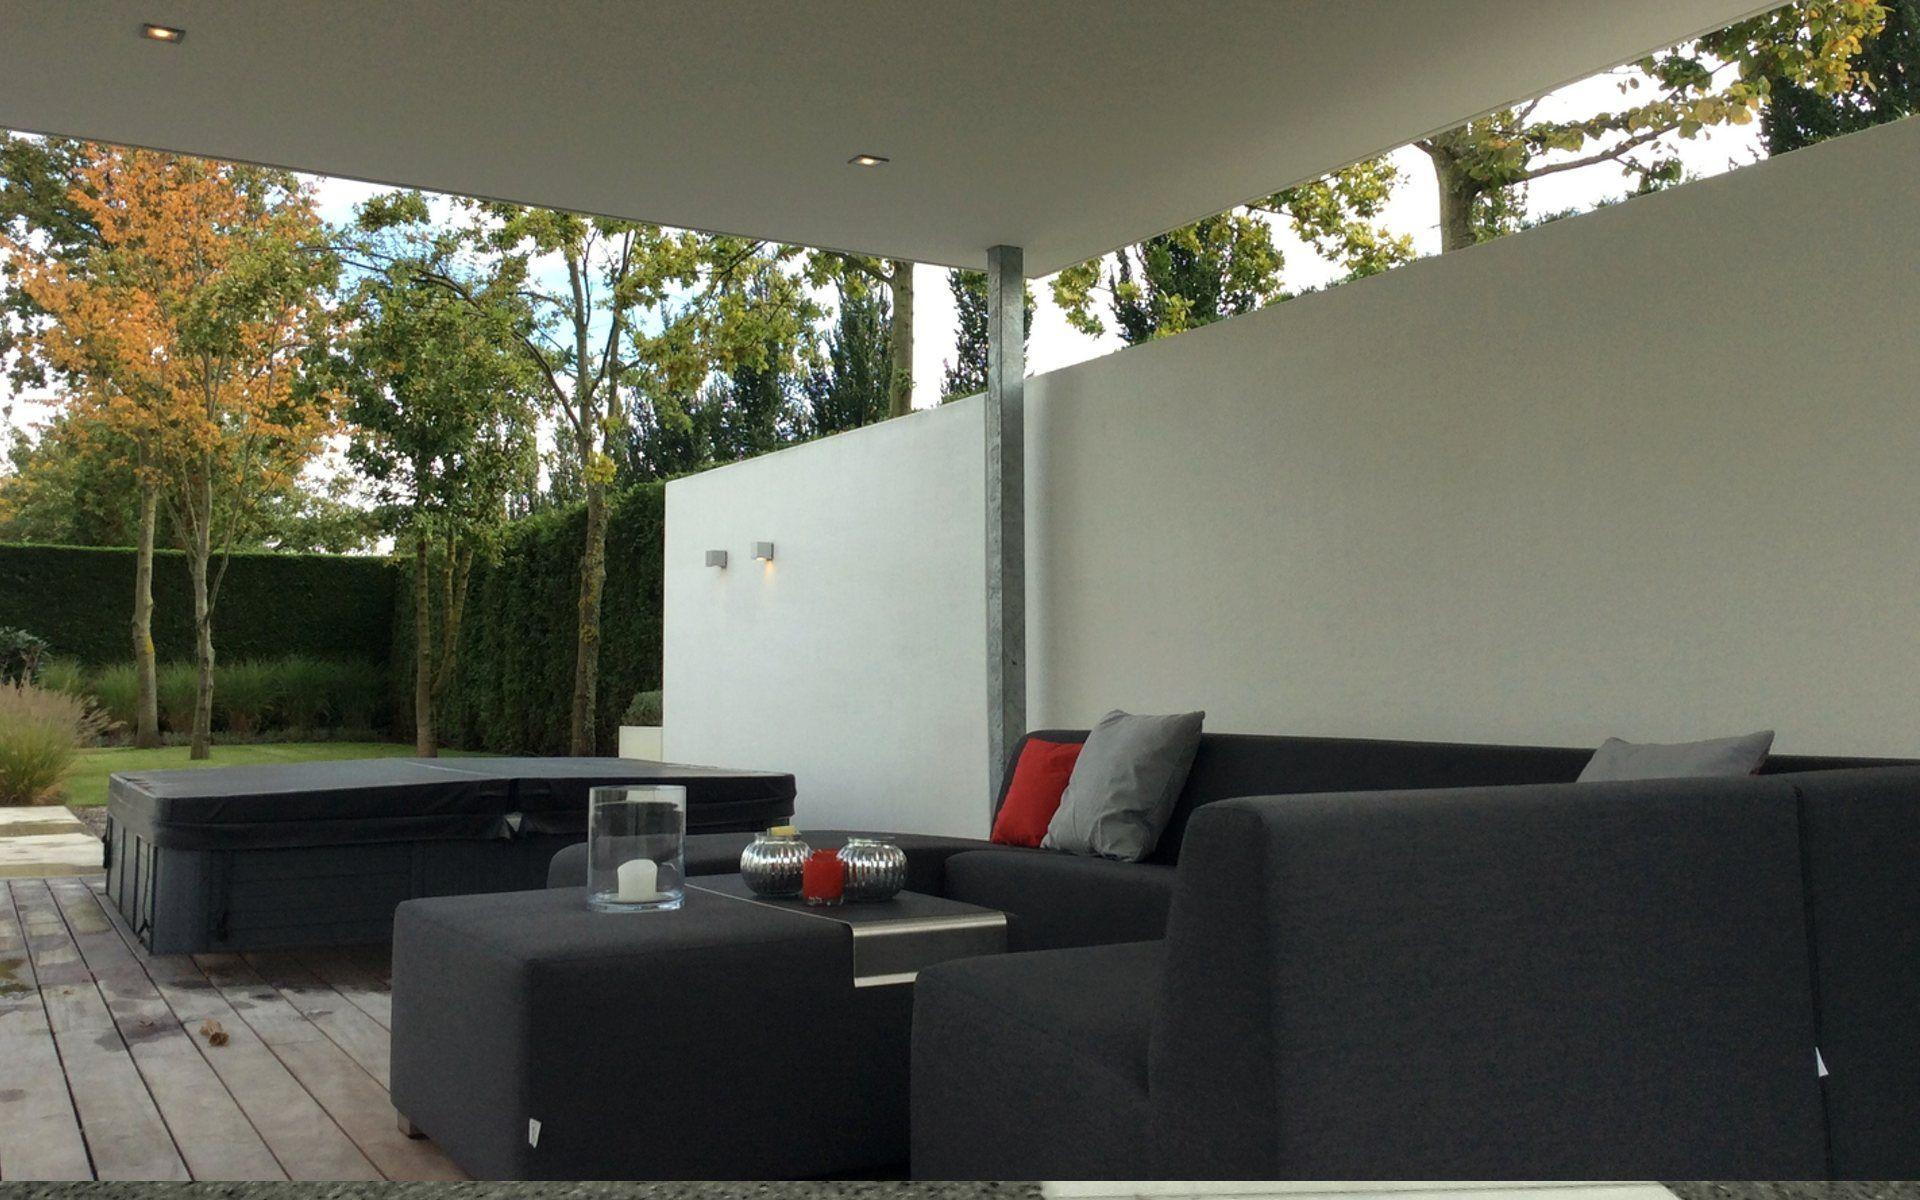 Strakke tuin met veranda verlichting muren aanbouw ideeën pinterest